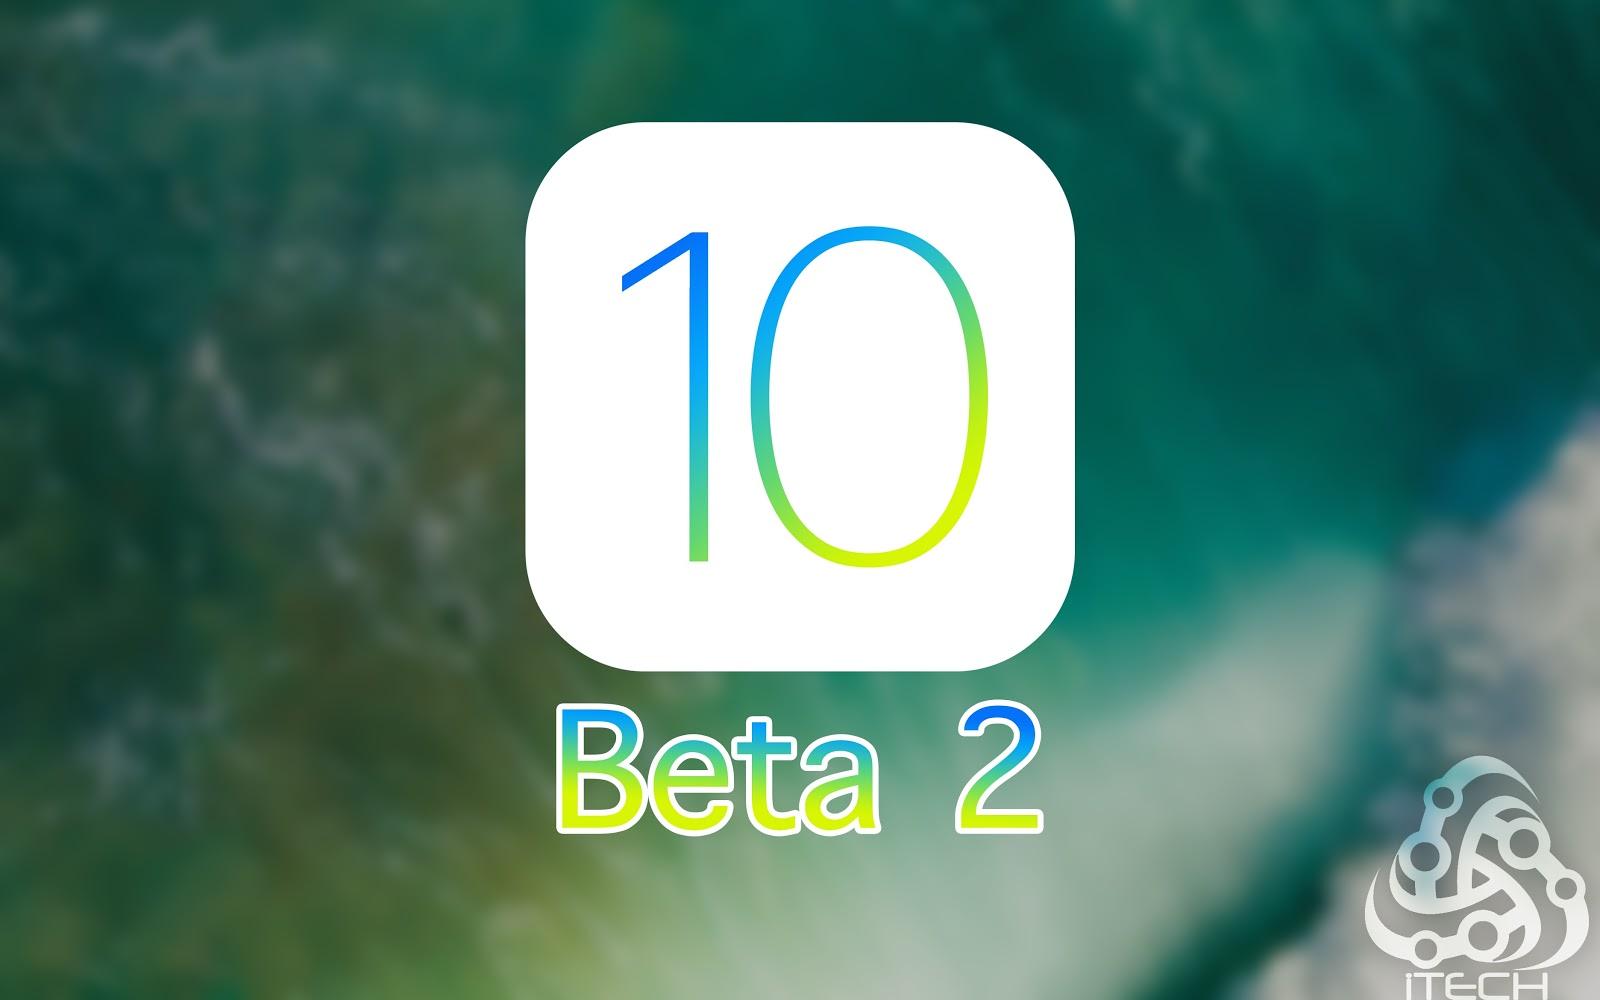 المزايا الجديدة في iOS 10 Beta 2